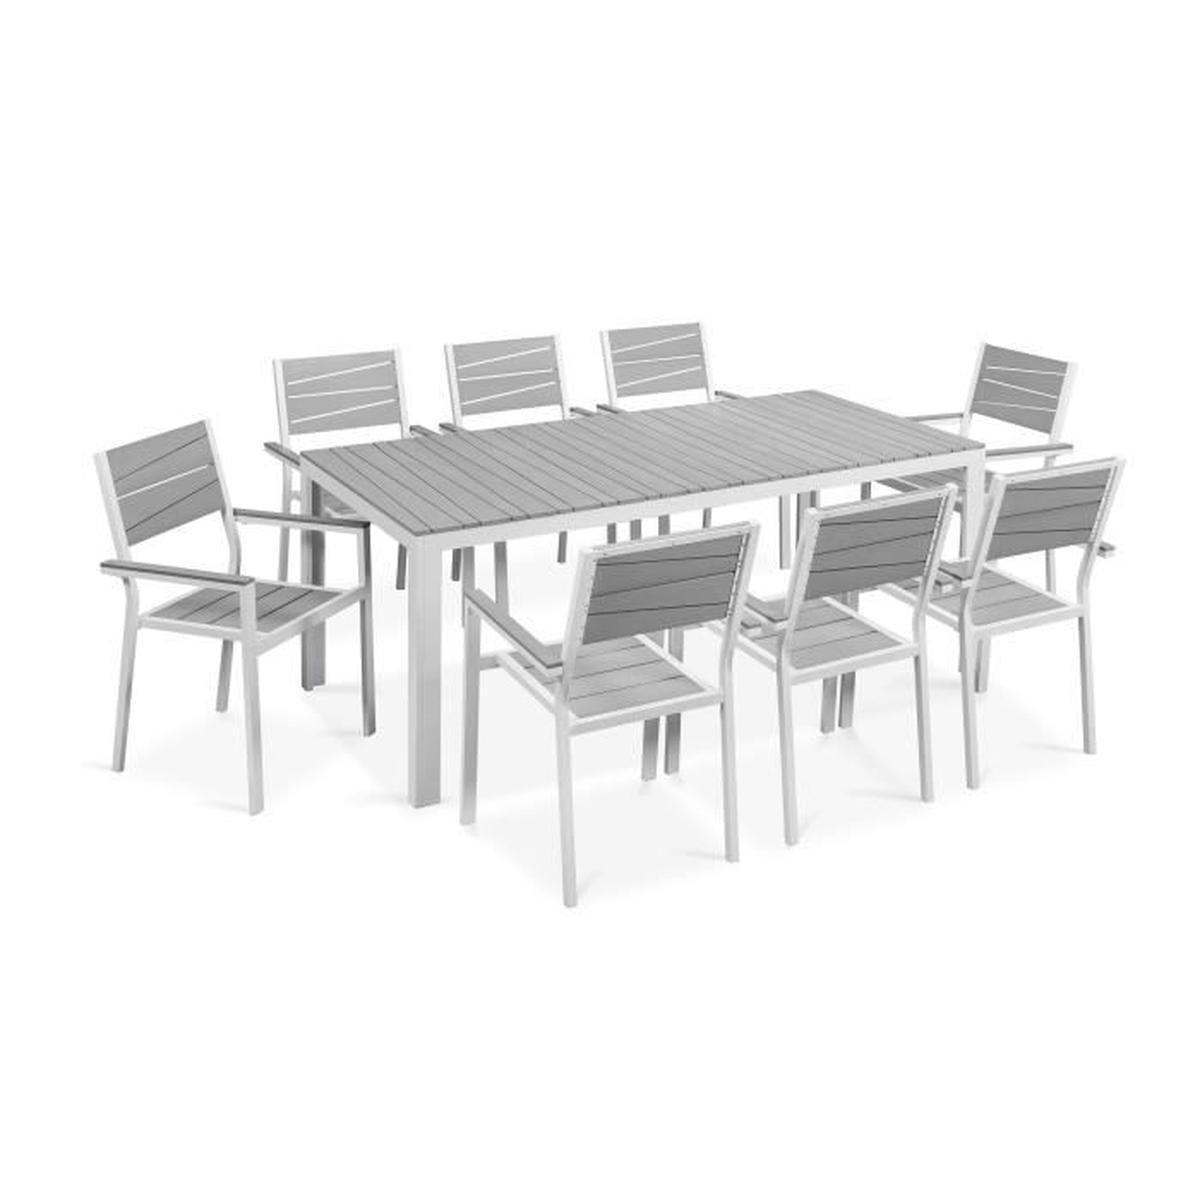 Salon De Jardin Table Et Chaises Accoudoir Aluminium encequiconcerne Salons De Jardin Pas Cher